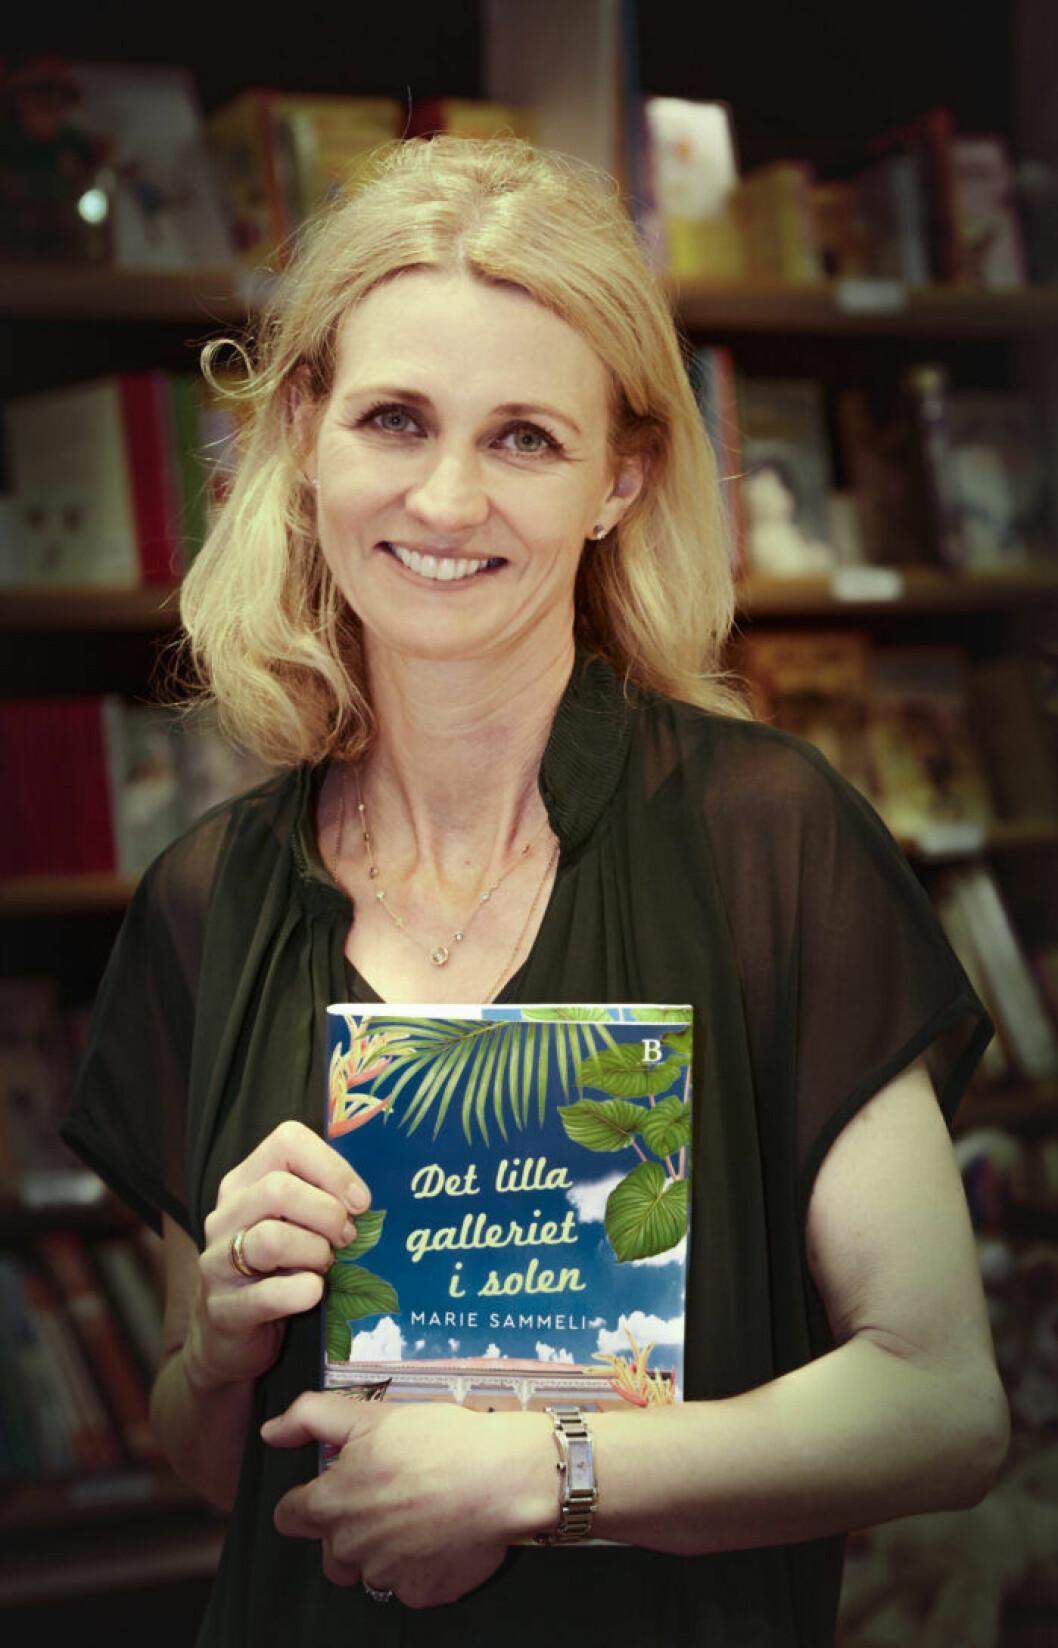 Marie Sammeli står i en bokhandel med sin egen bok Det lilla galleriet i solen i famnen.